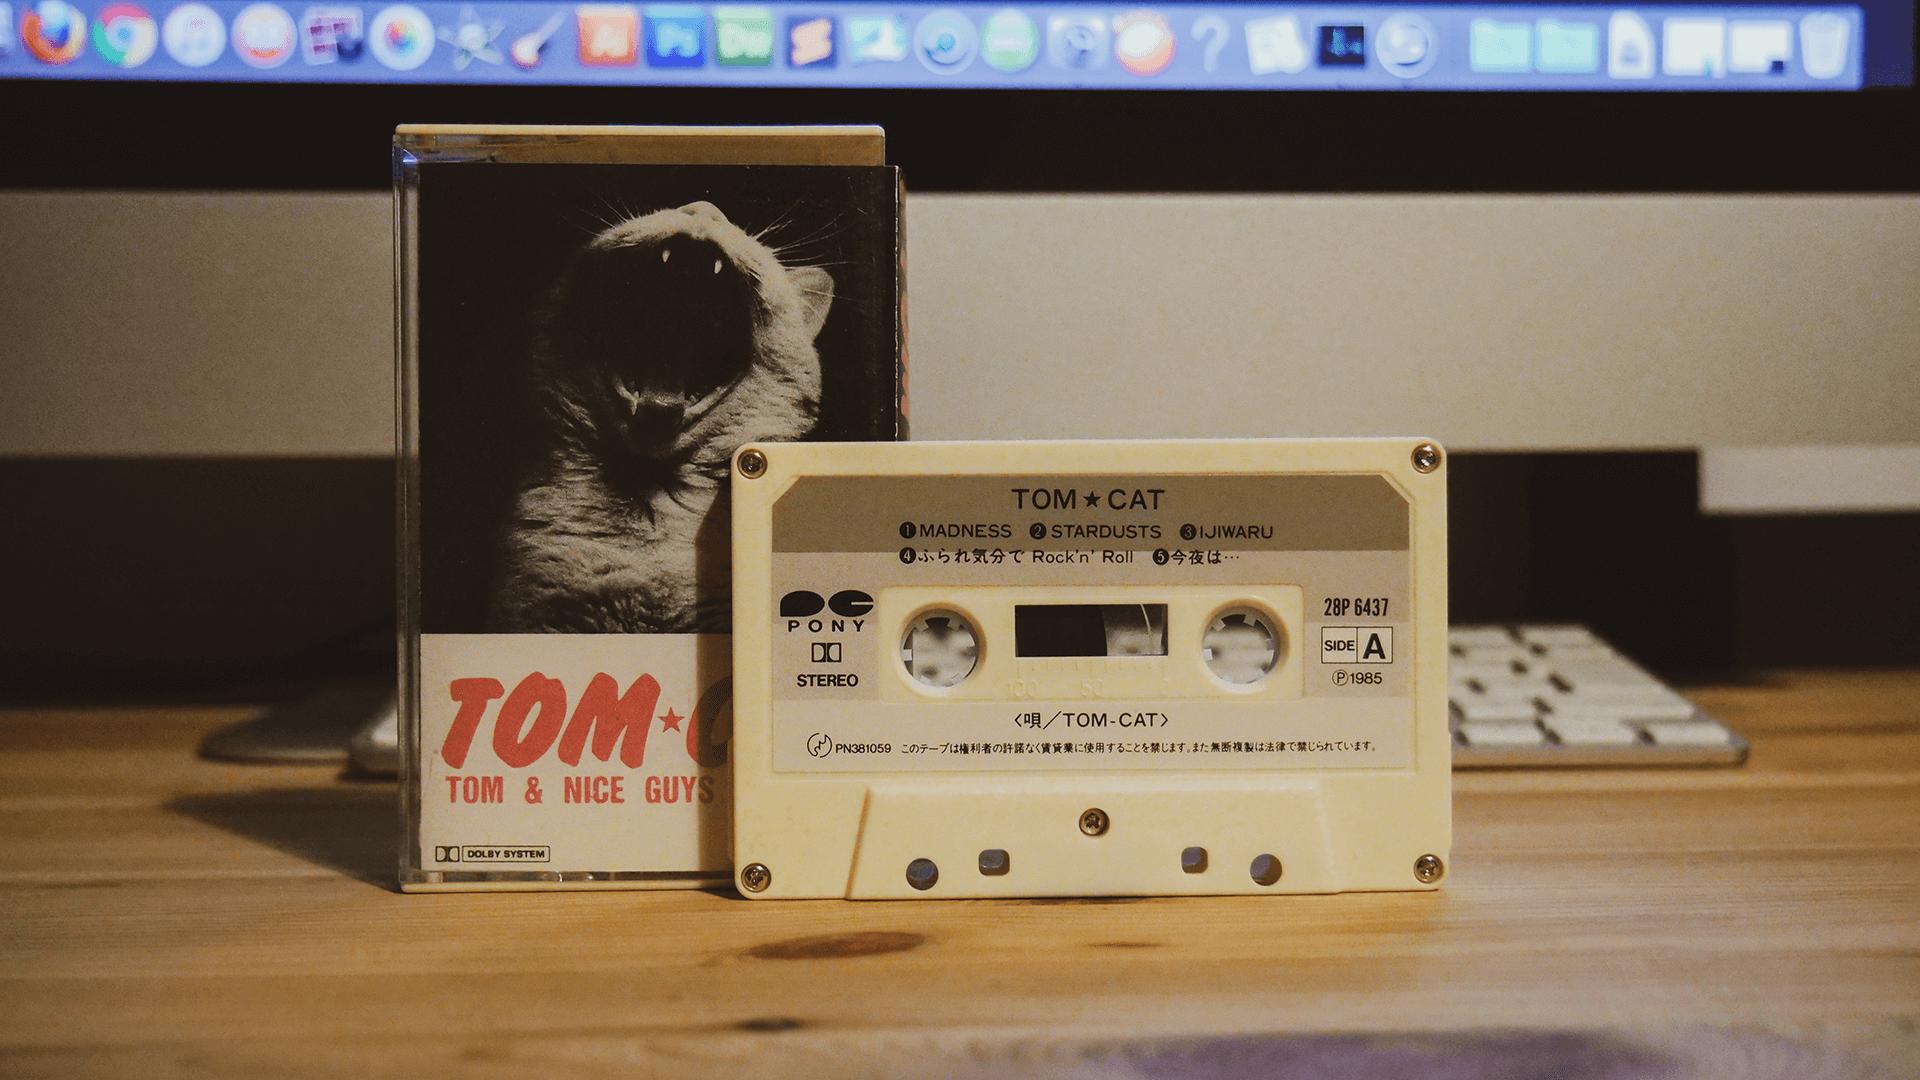 中古ならではの風合いに思いを馳せる。TOM CATのカセットテープ